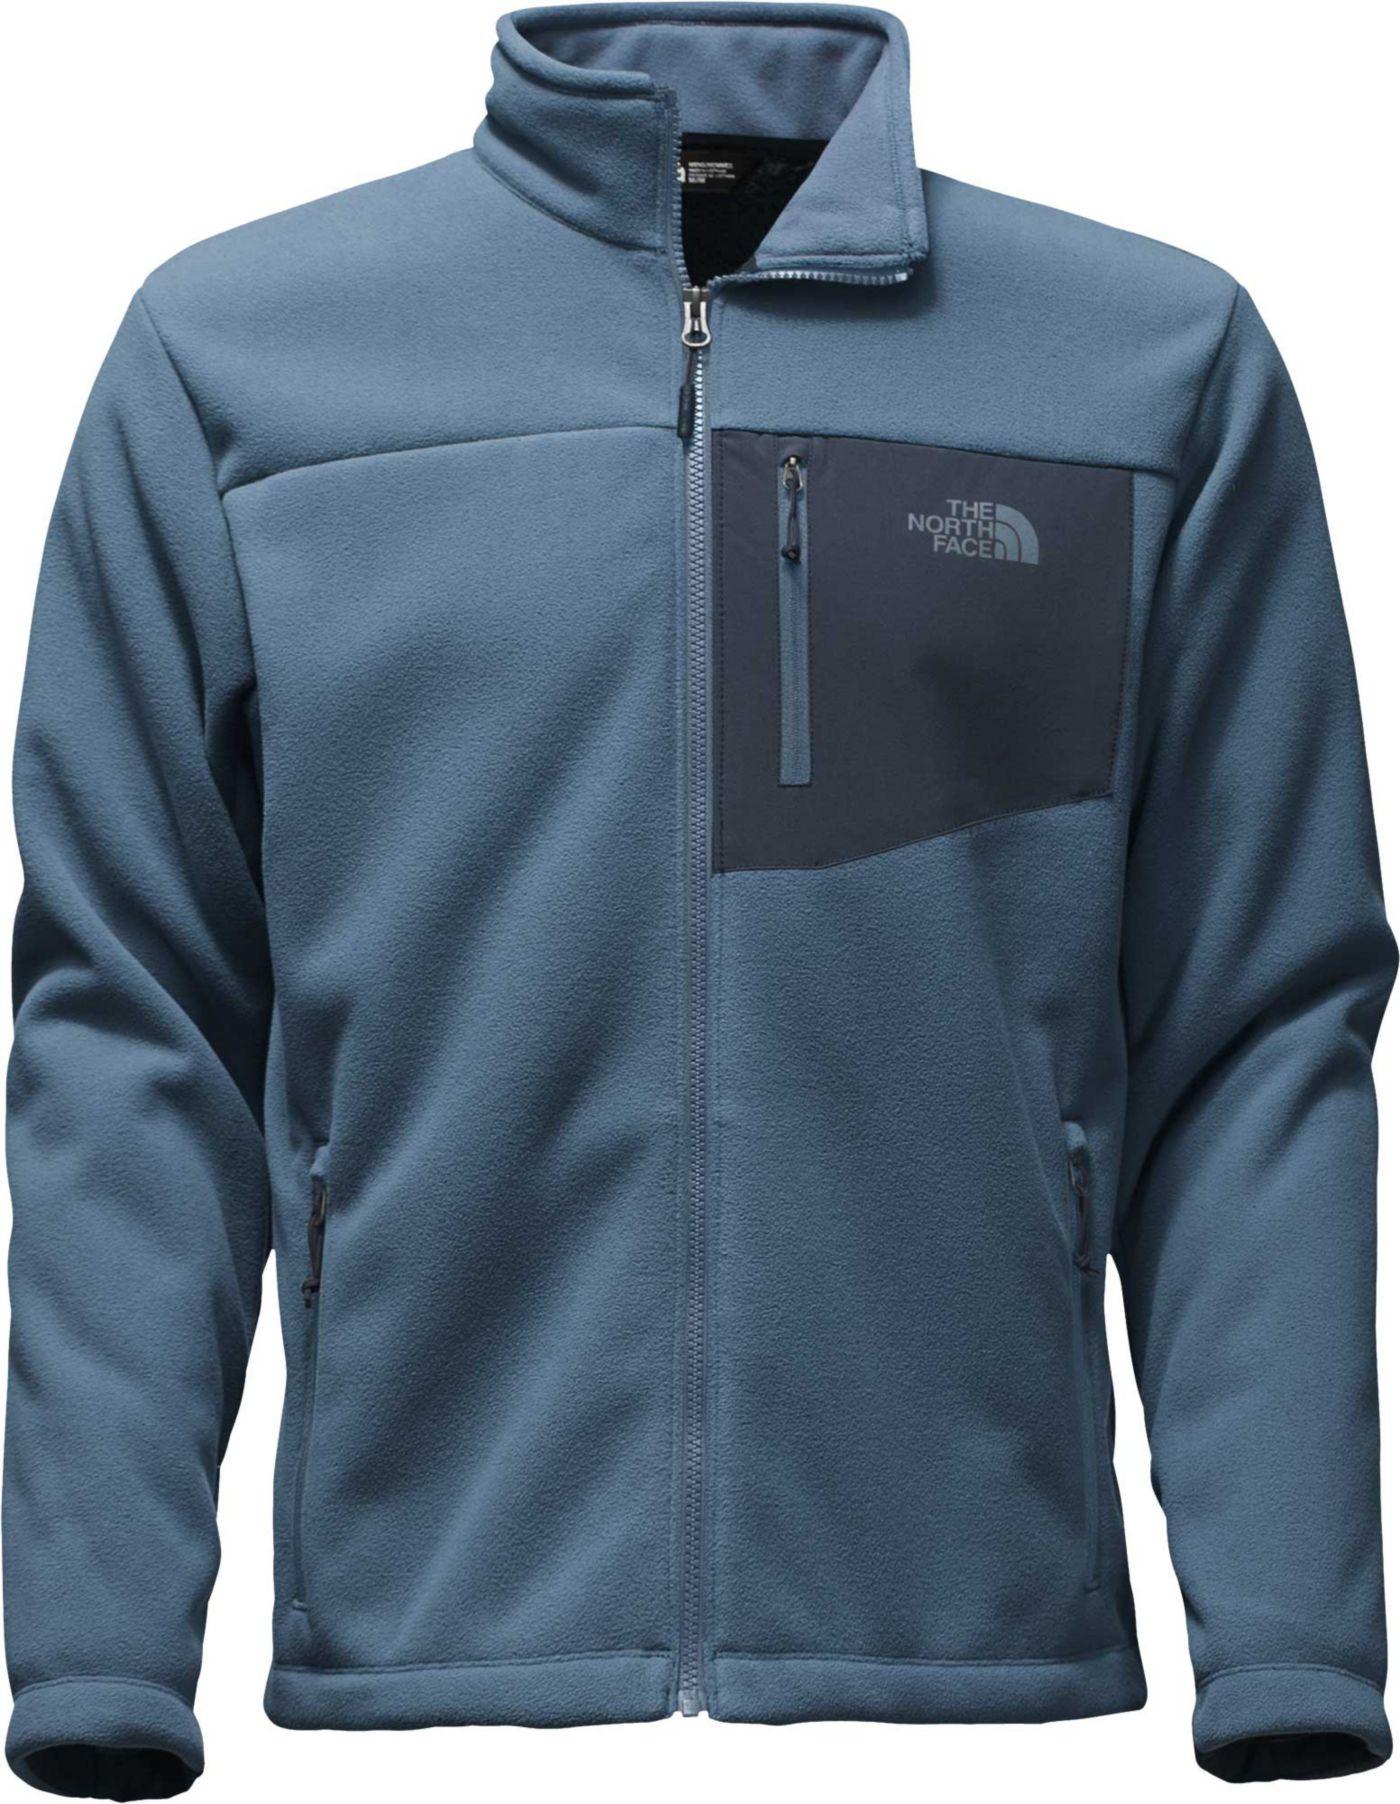 The North Face Men's Chimborazo Full Zip Fleece Jacket